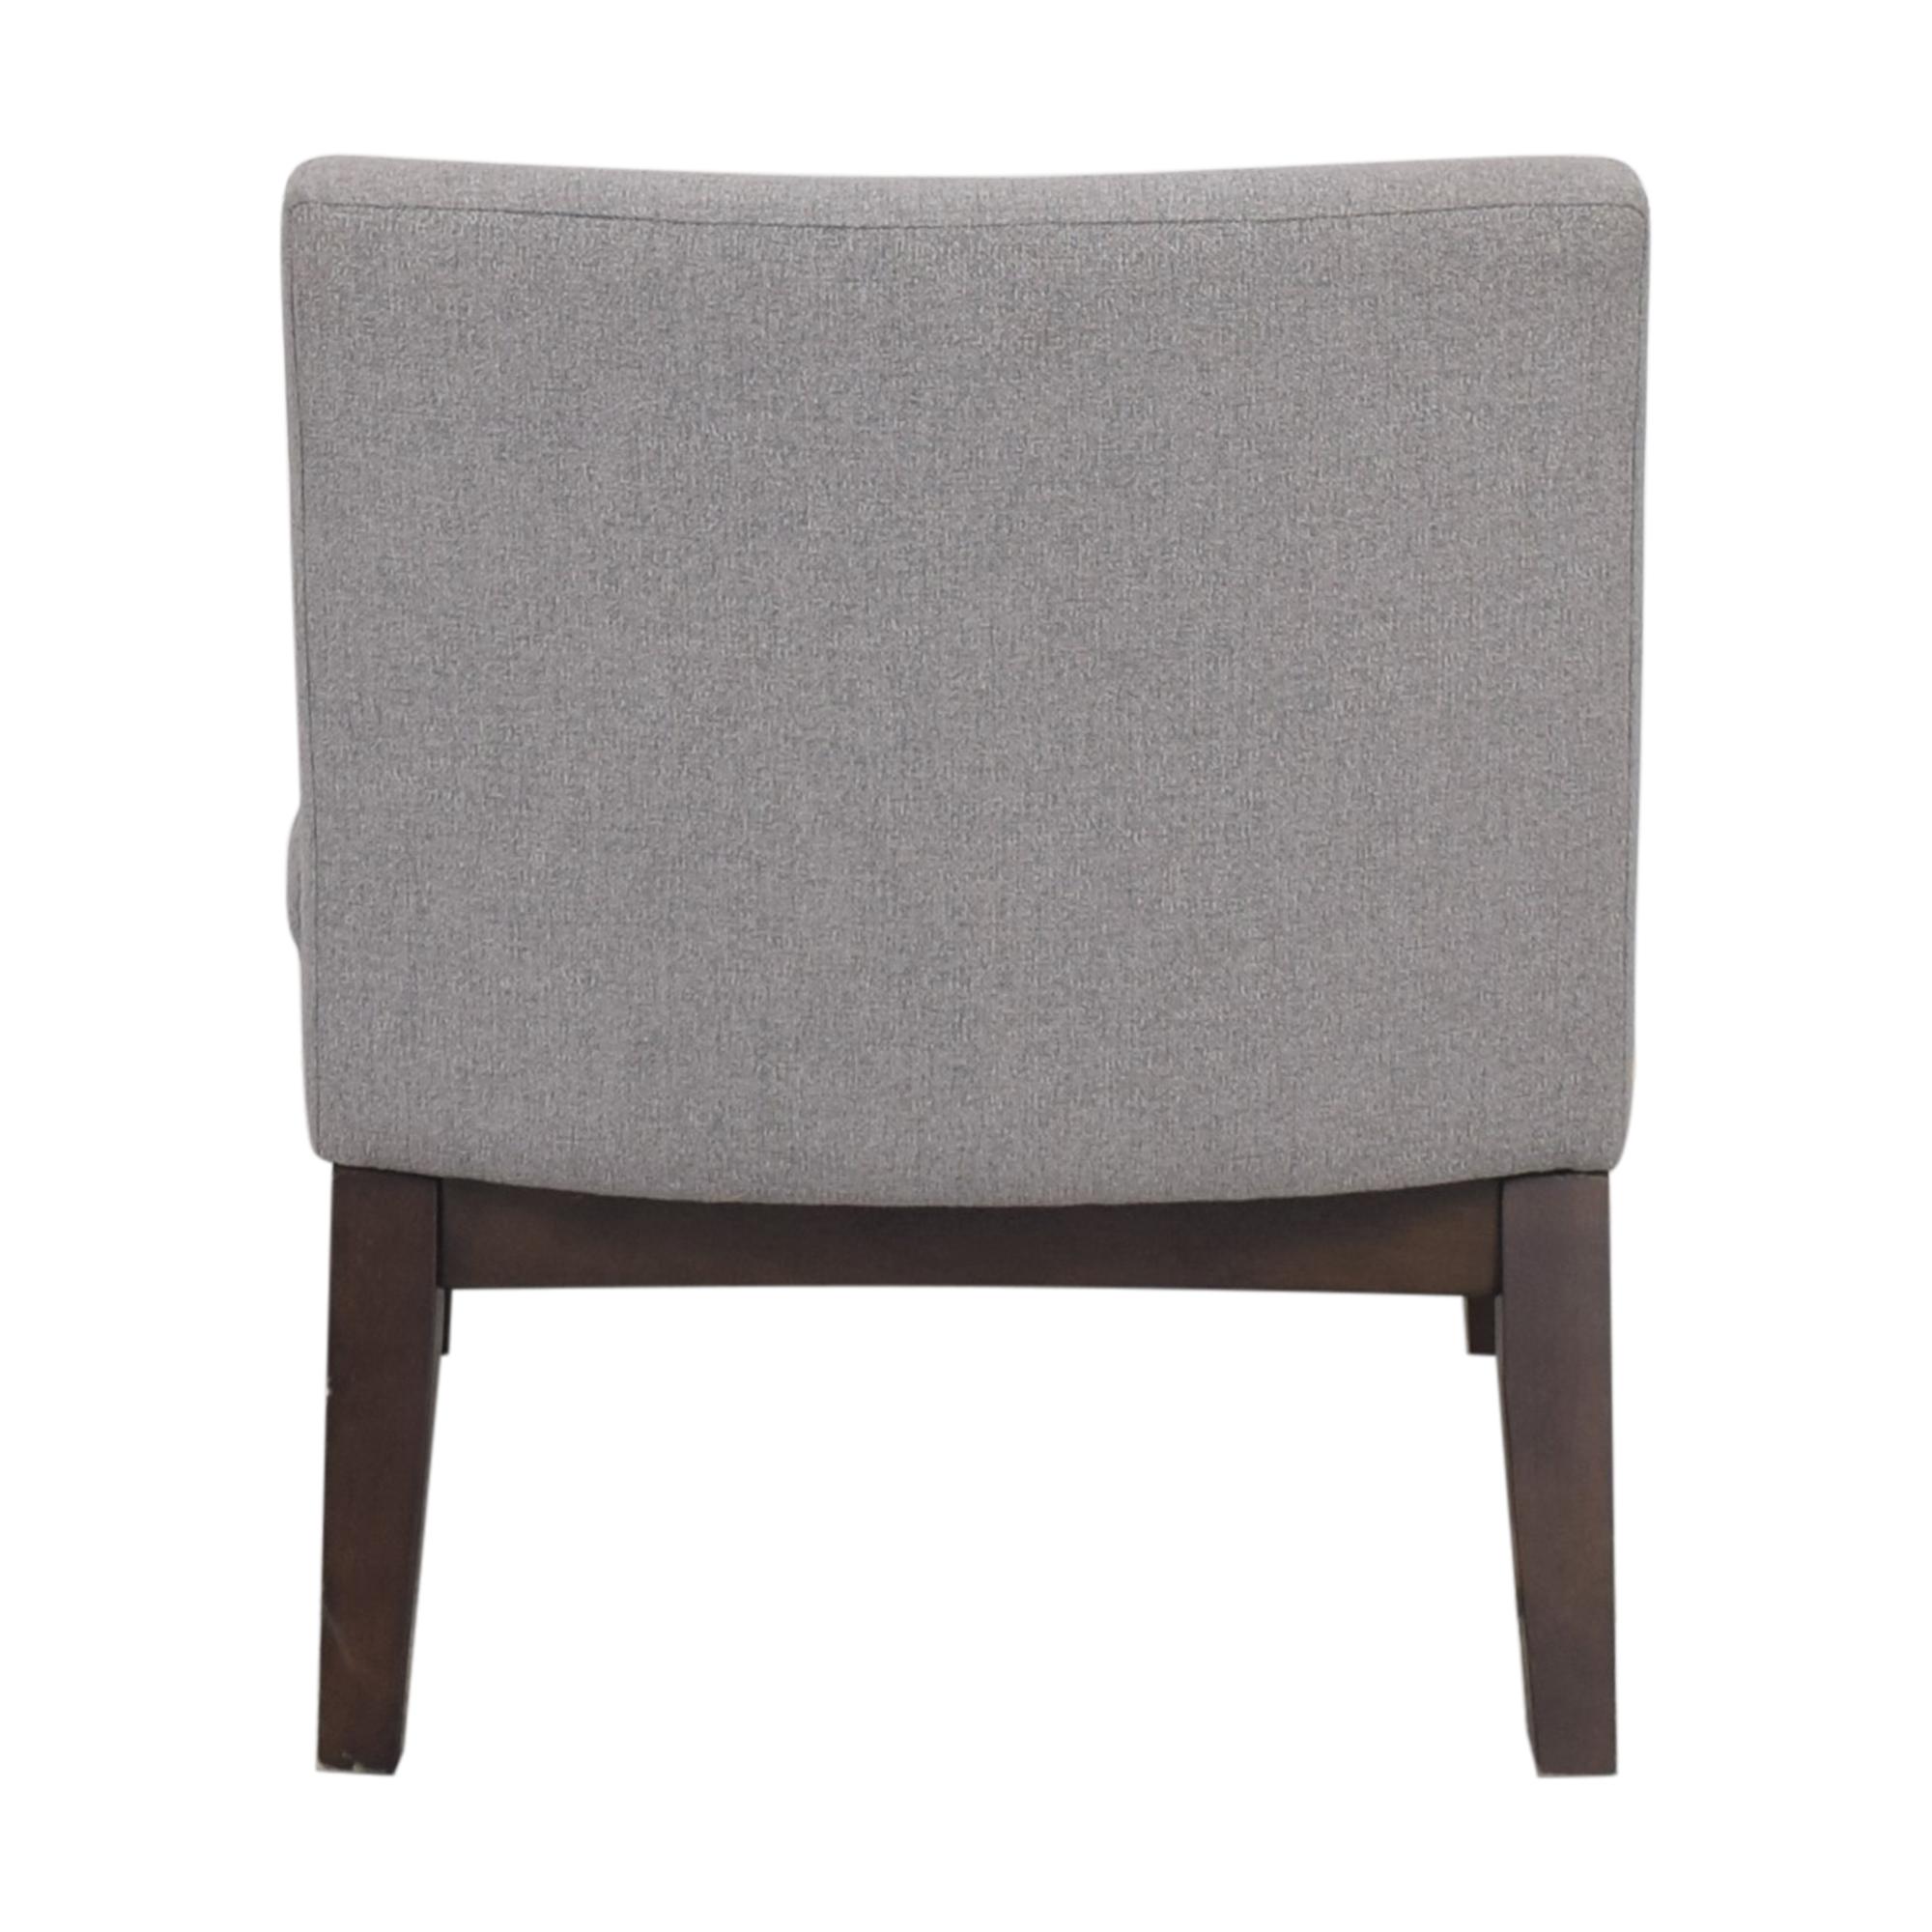 West Elm Slipper Chair / Chairs